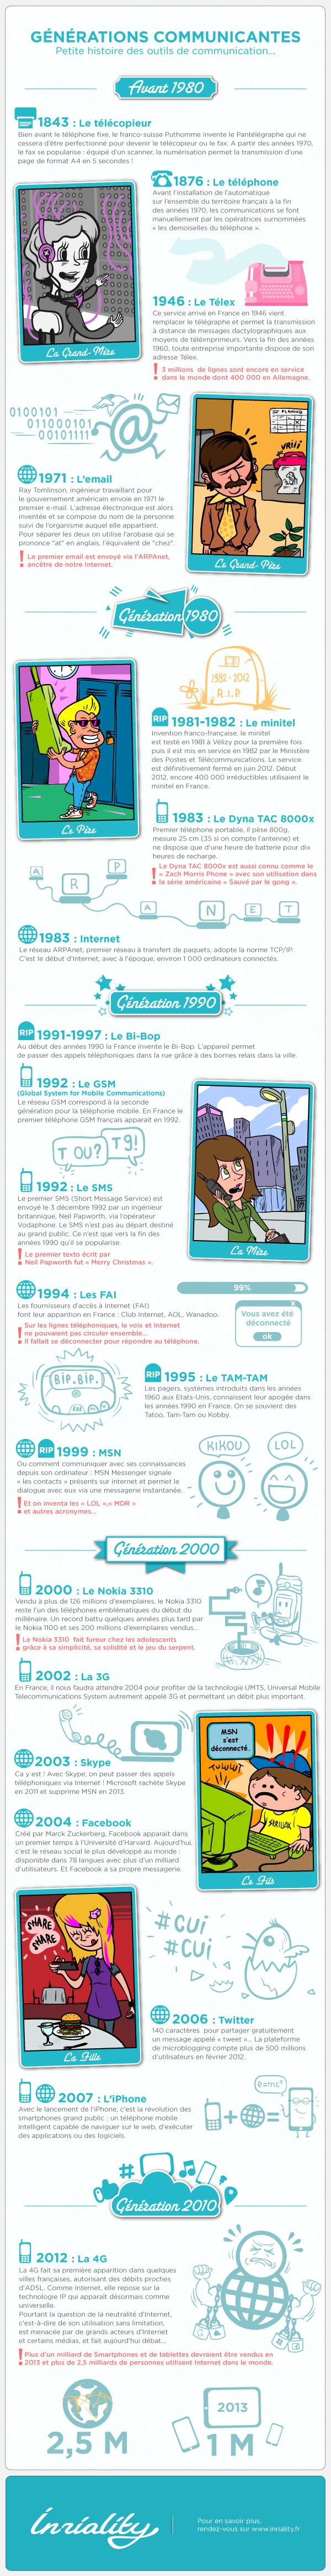 Infographie en français sur l'histoire des outils de communication